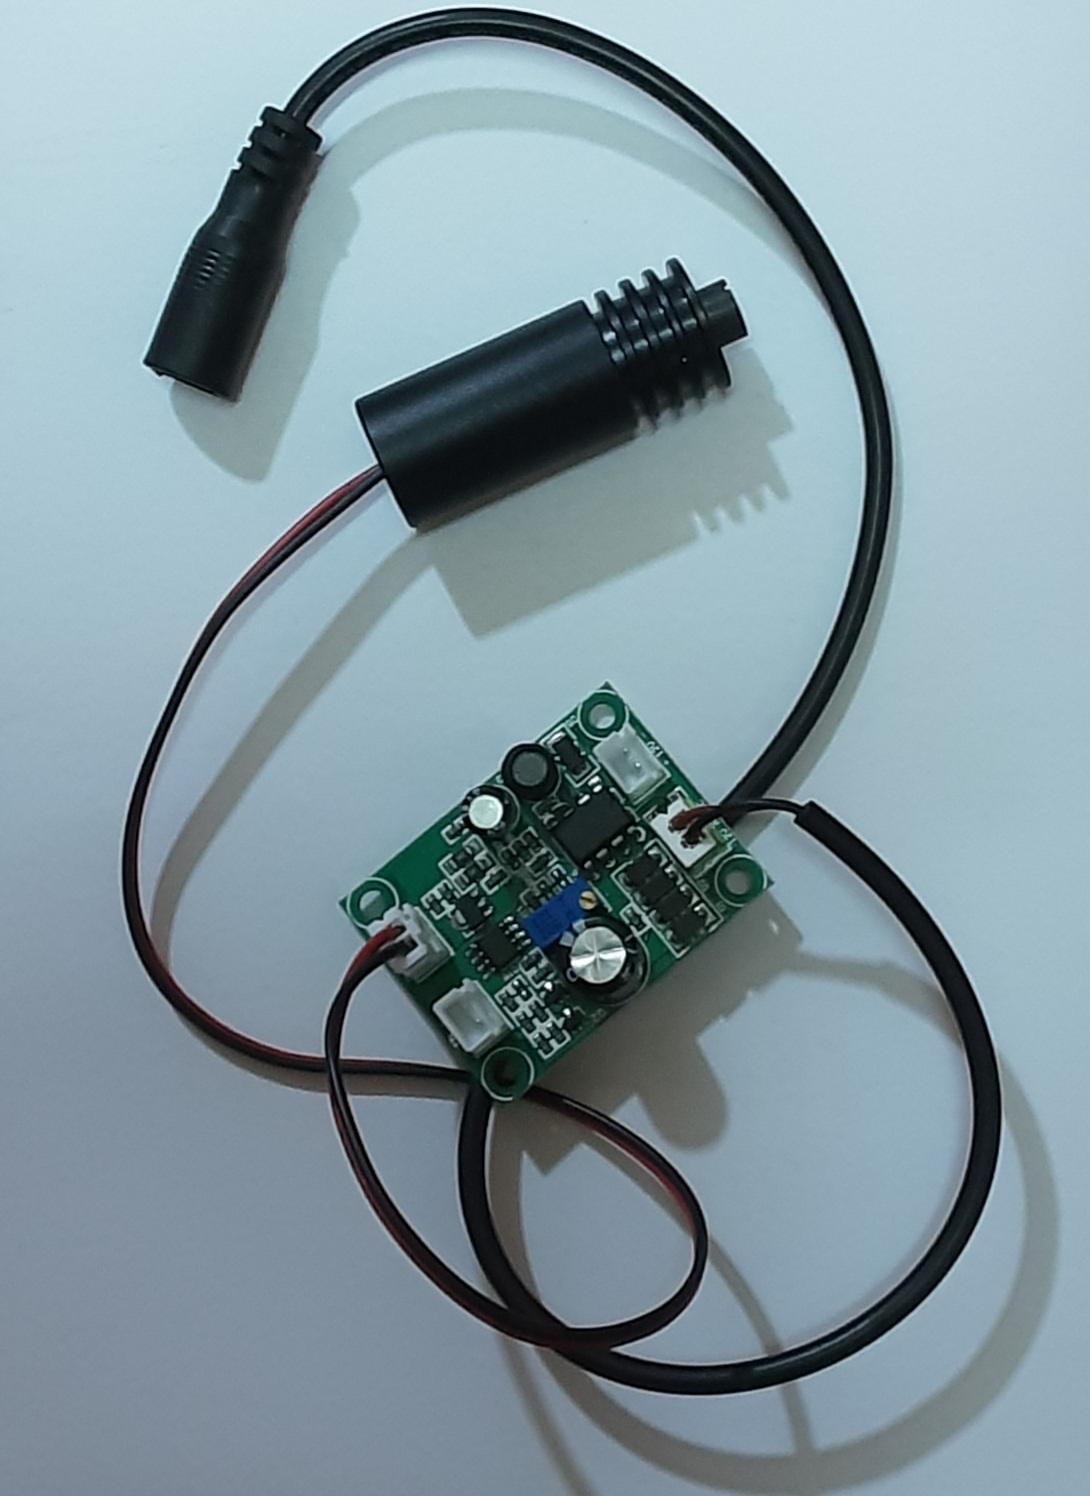 لیزر آبی مخصوص حکاکی ۱۰ وات ۴۵۰  نانومتر مدل BL445-6w